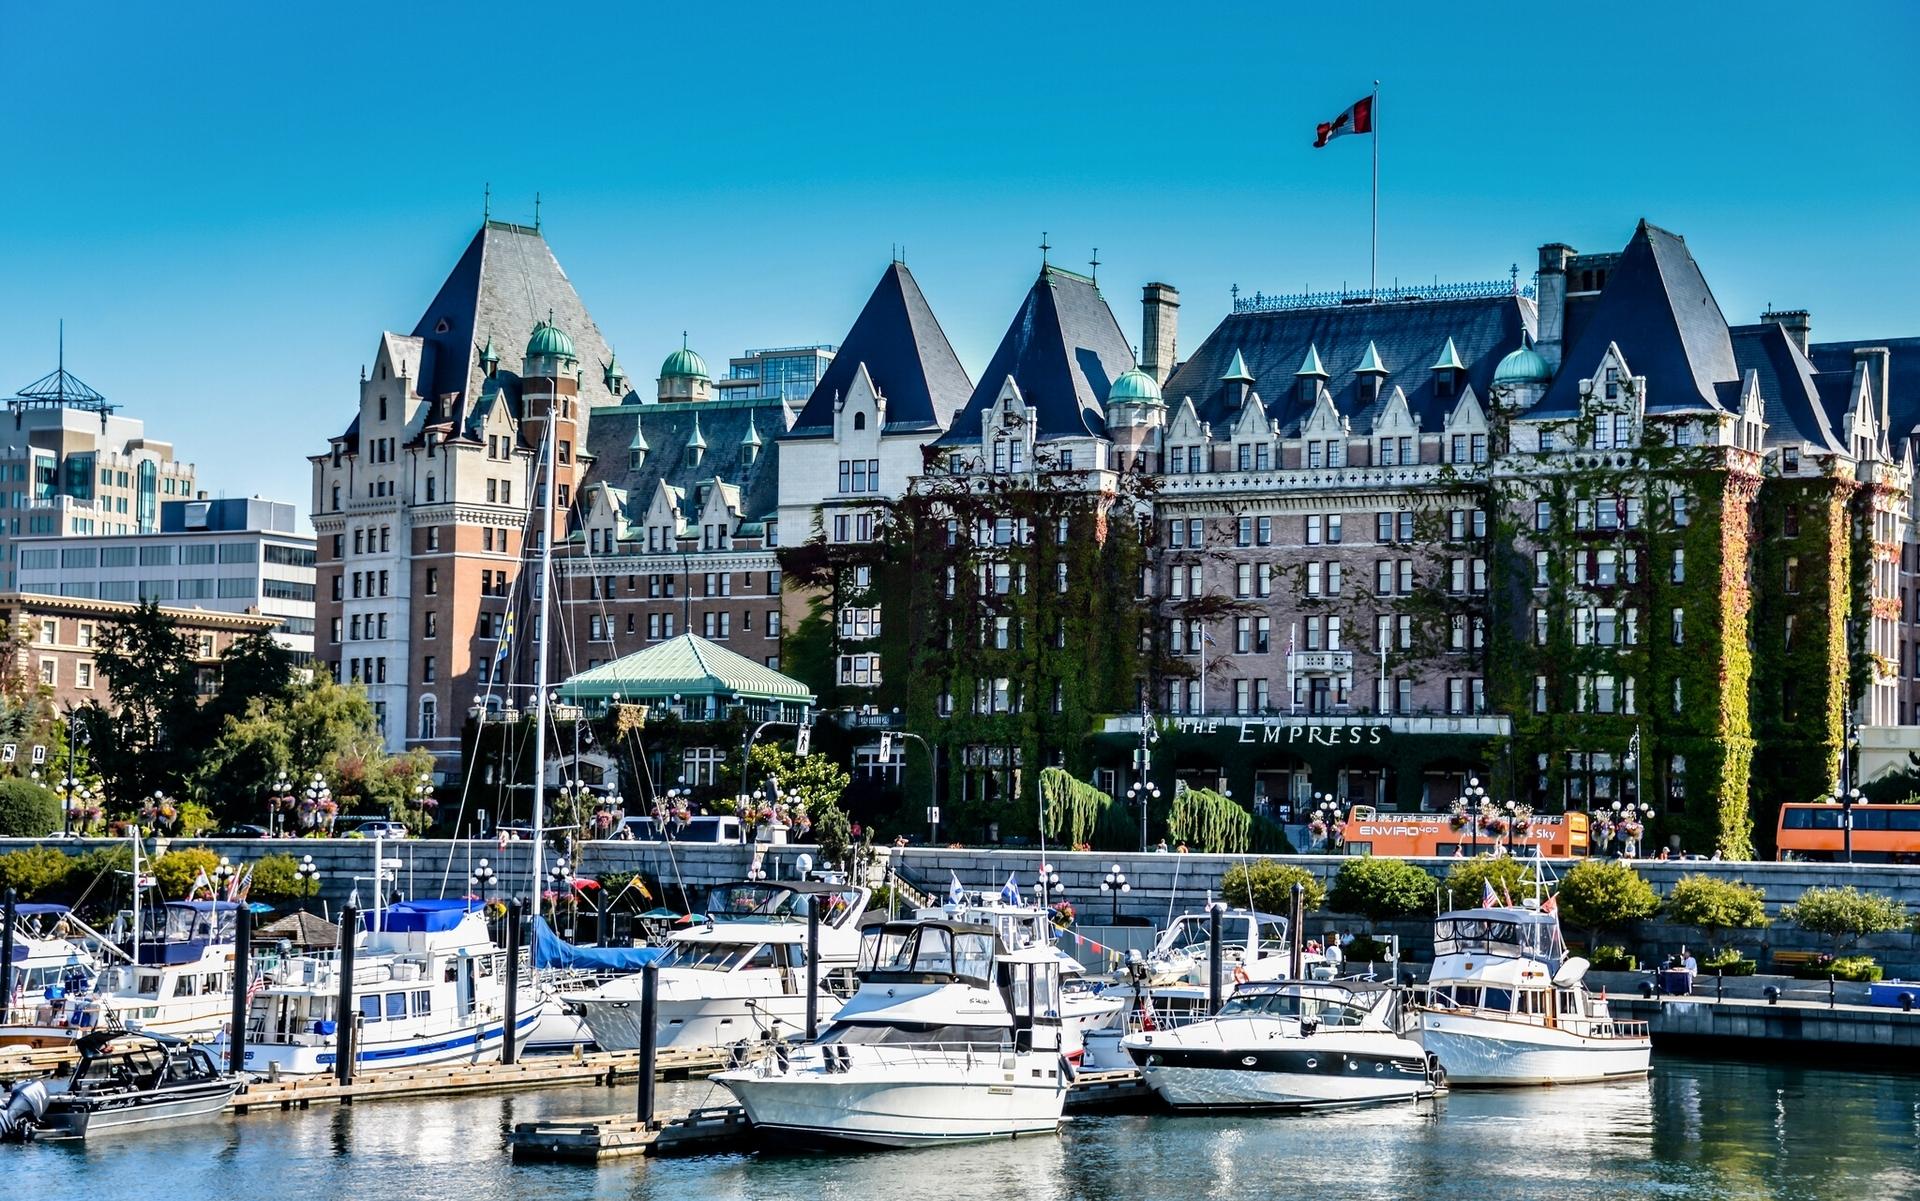 97362 Заставки и Обои Яхты на телефон. Скачать Канада, Виктория, Британская Колумбия, Причал, Города, Яхты картинки бесплатно